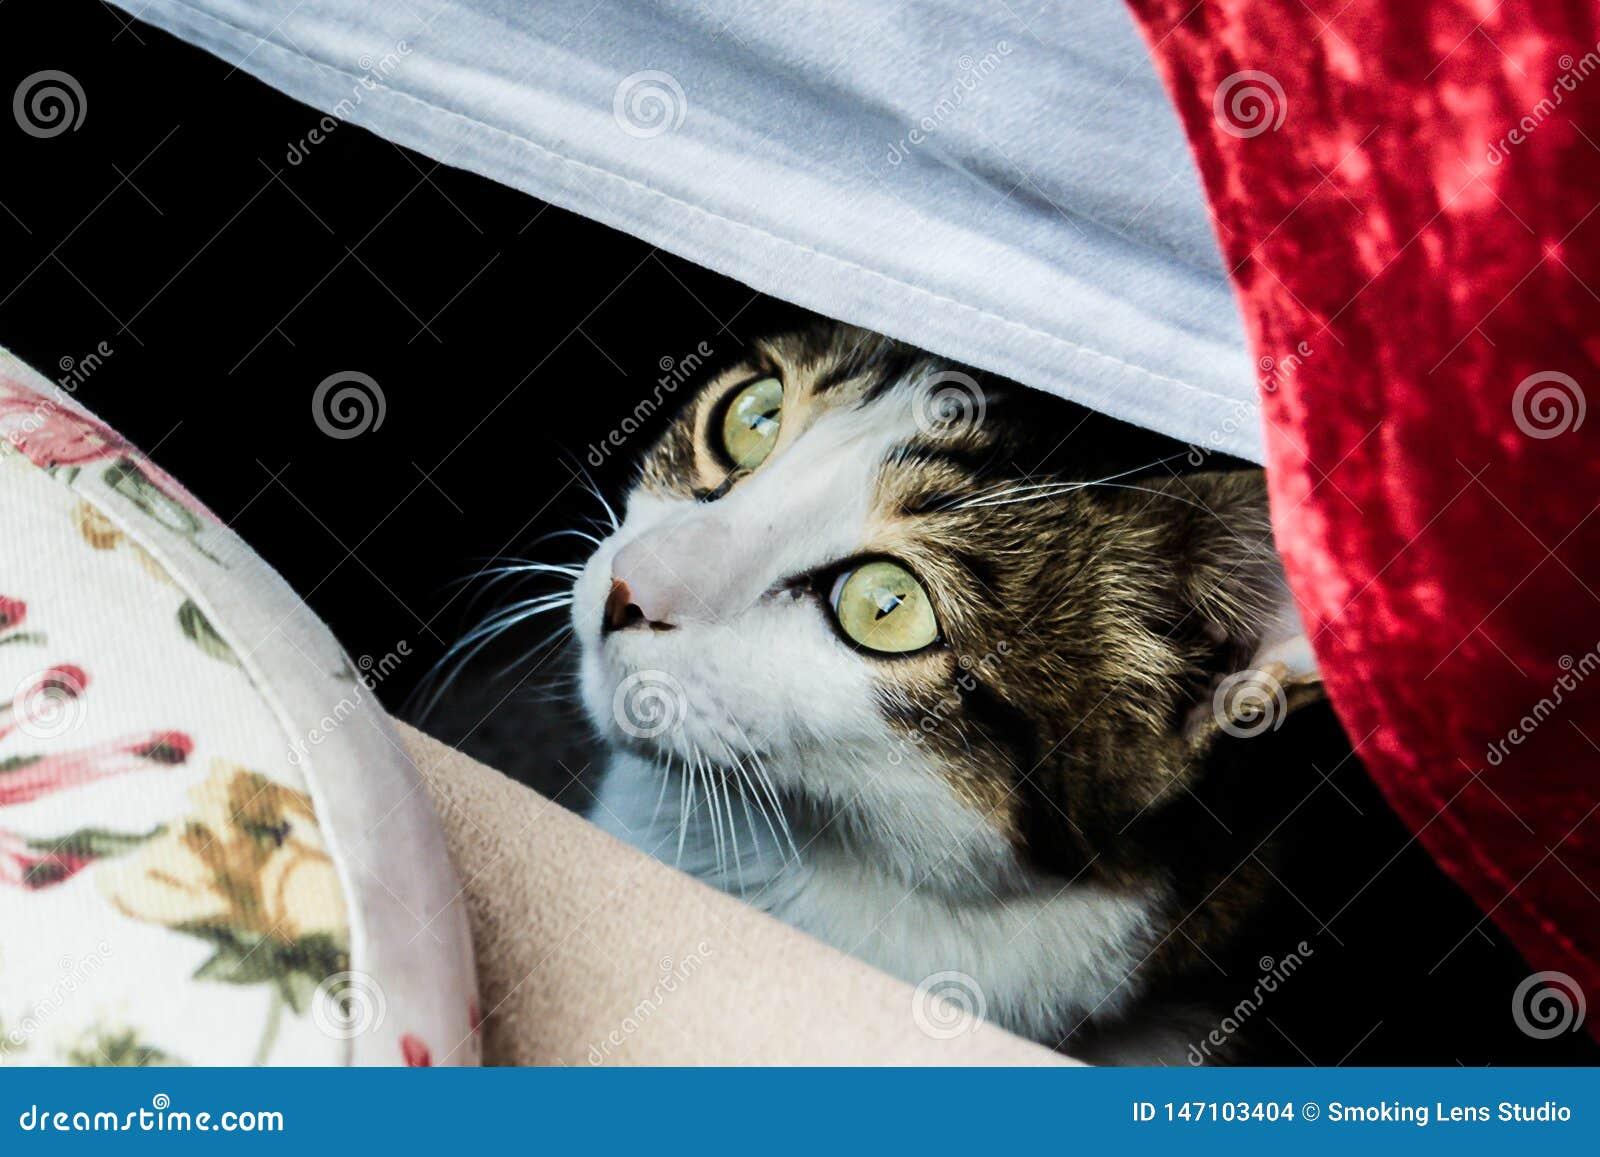 Un gato está mirando fijamente por debajo una tabla